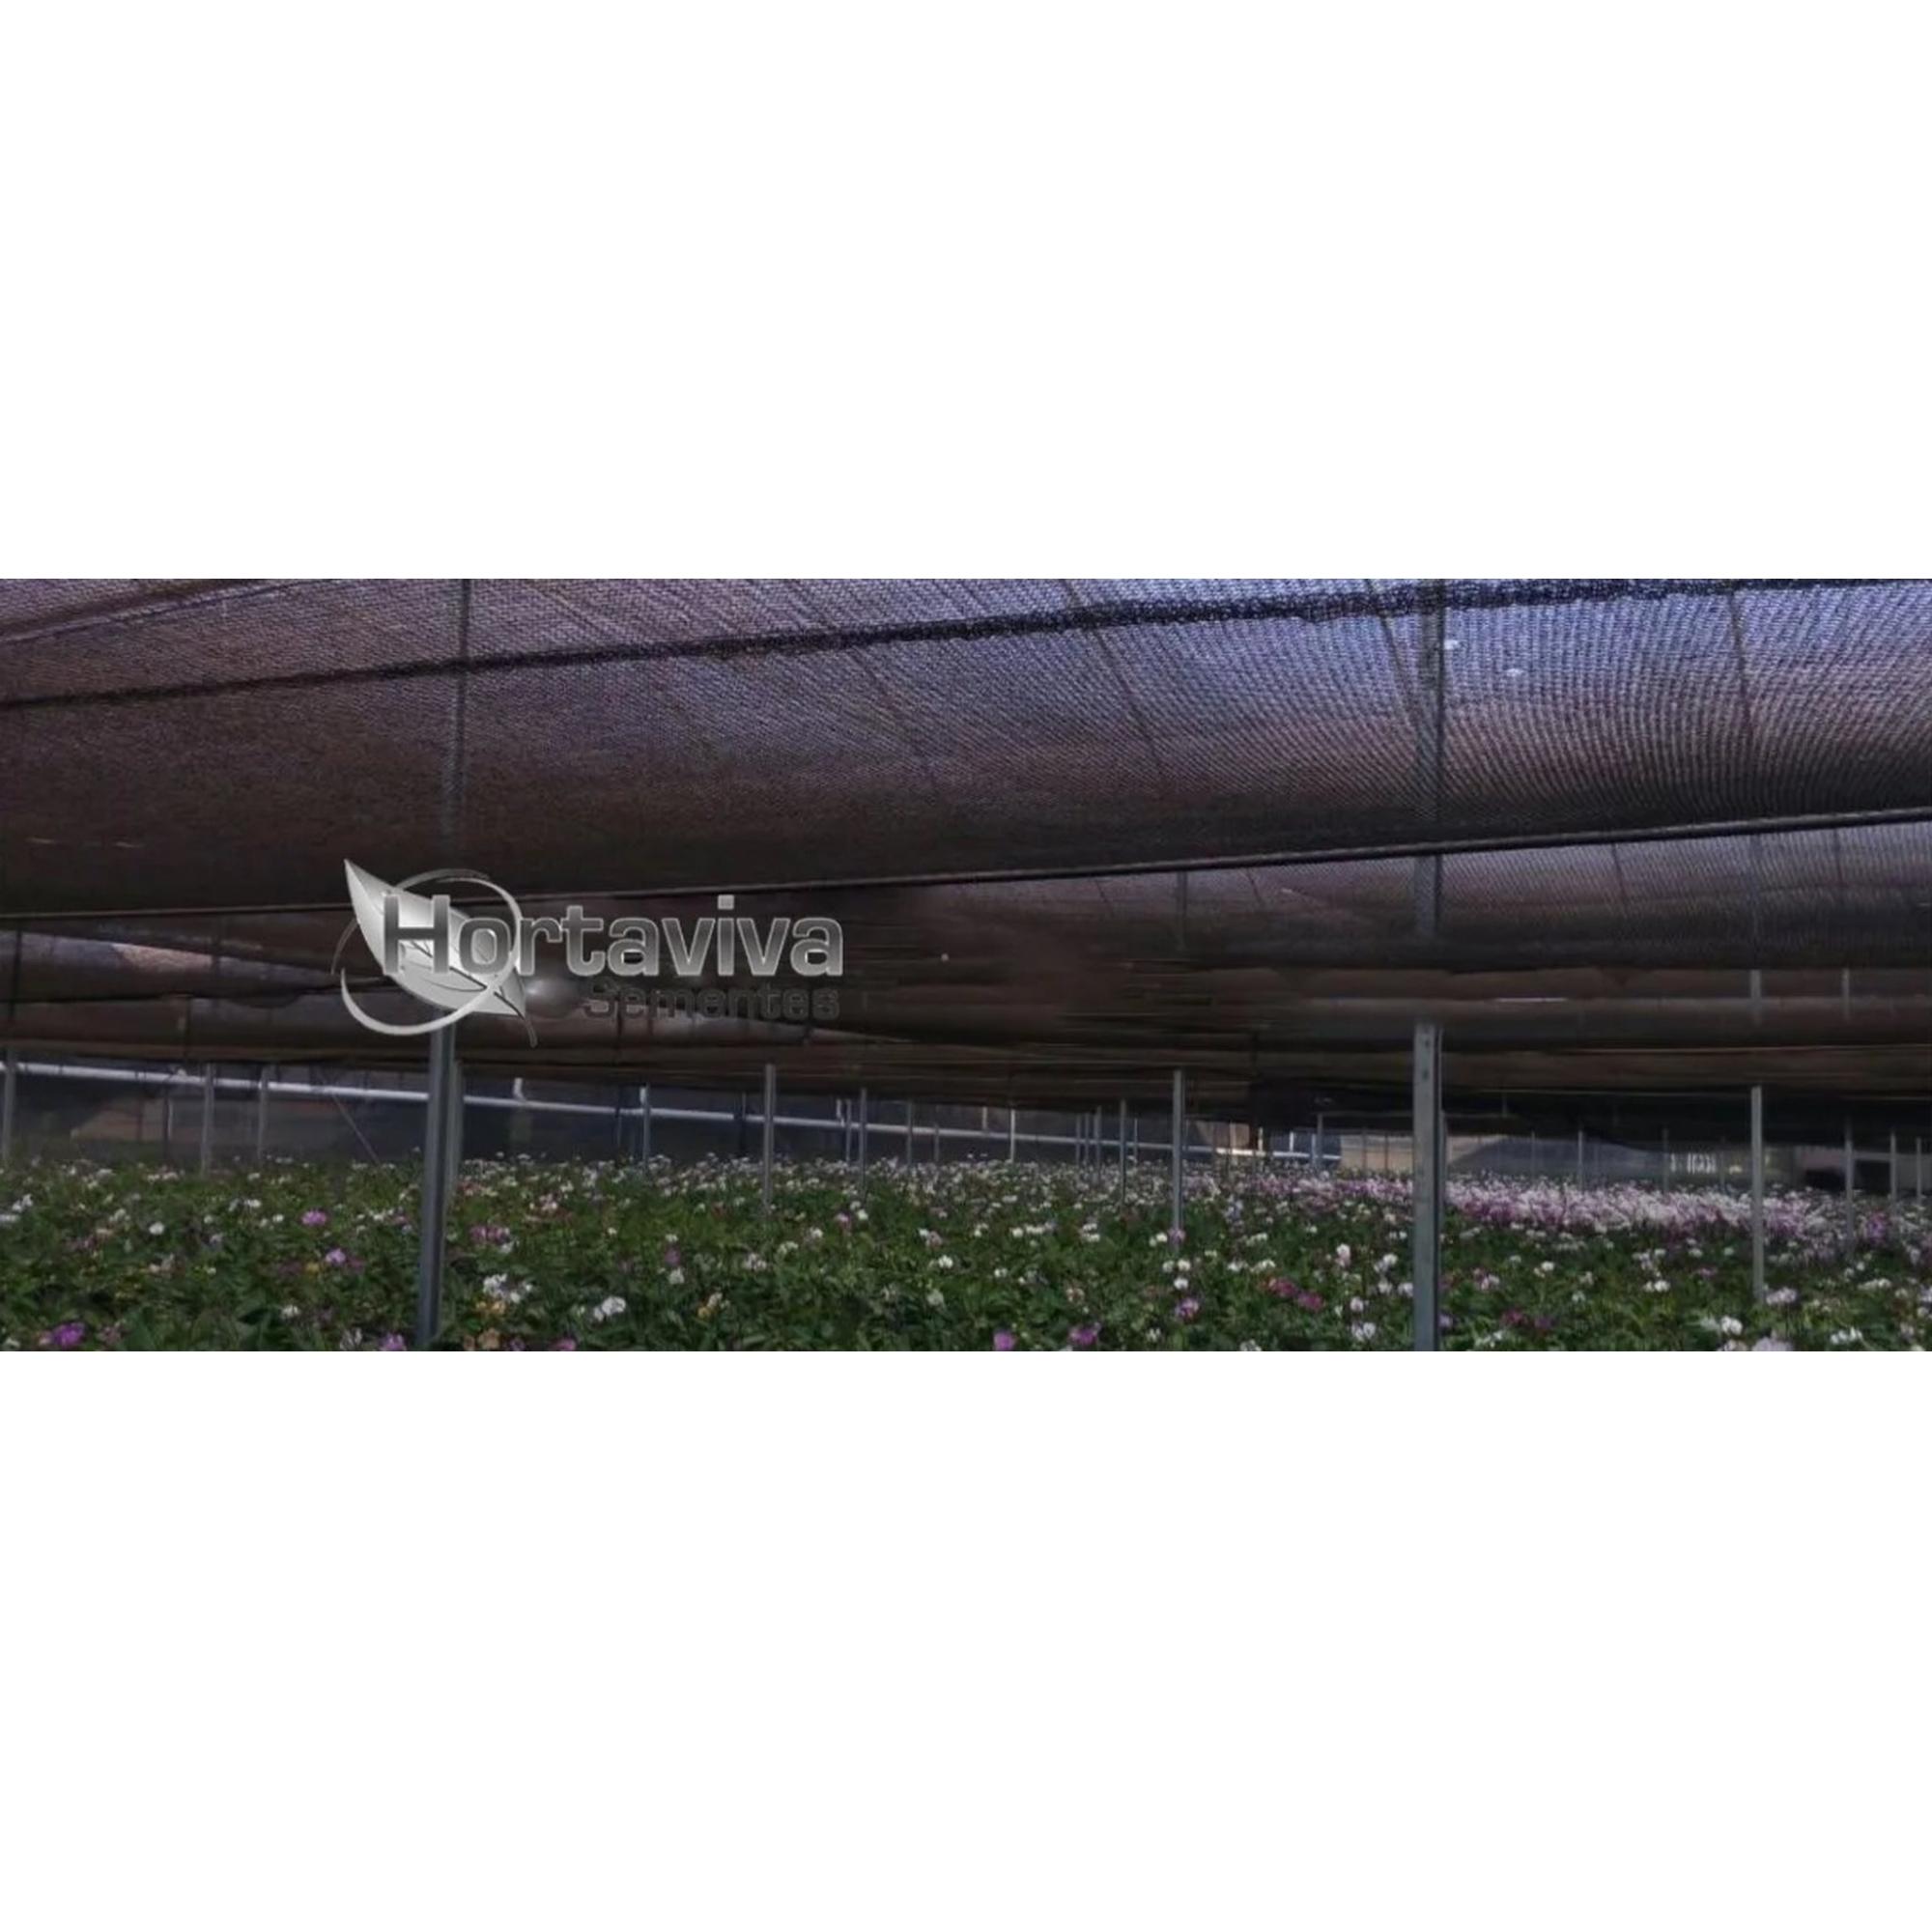 Tela de Sombreamento Preta 50% - 10 Metros x 45 Metros